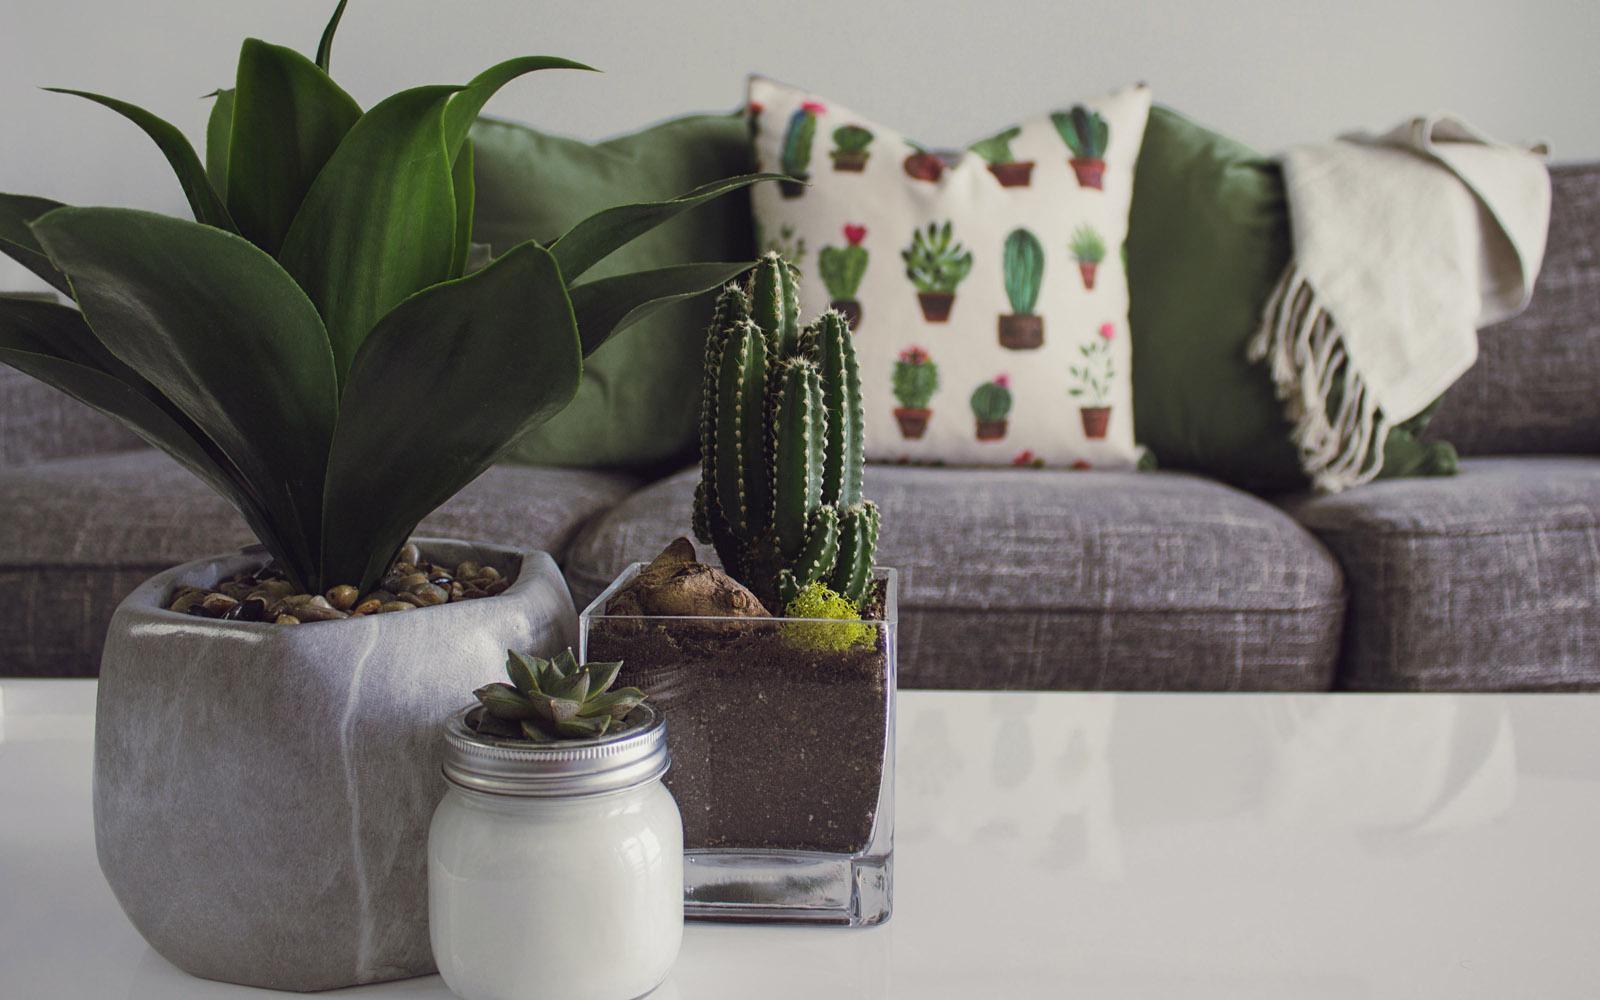 Piante Da Appartamento Ambiente Buio i superpoteri delle piante da appartamento | oltreilbalcone